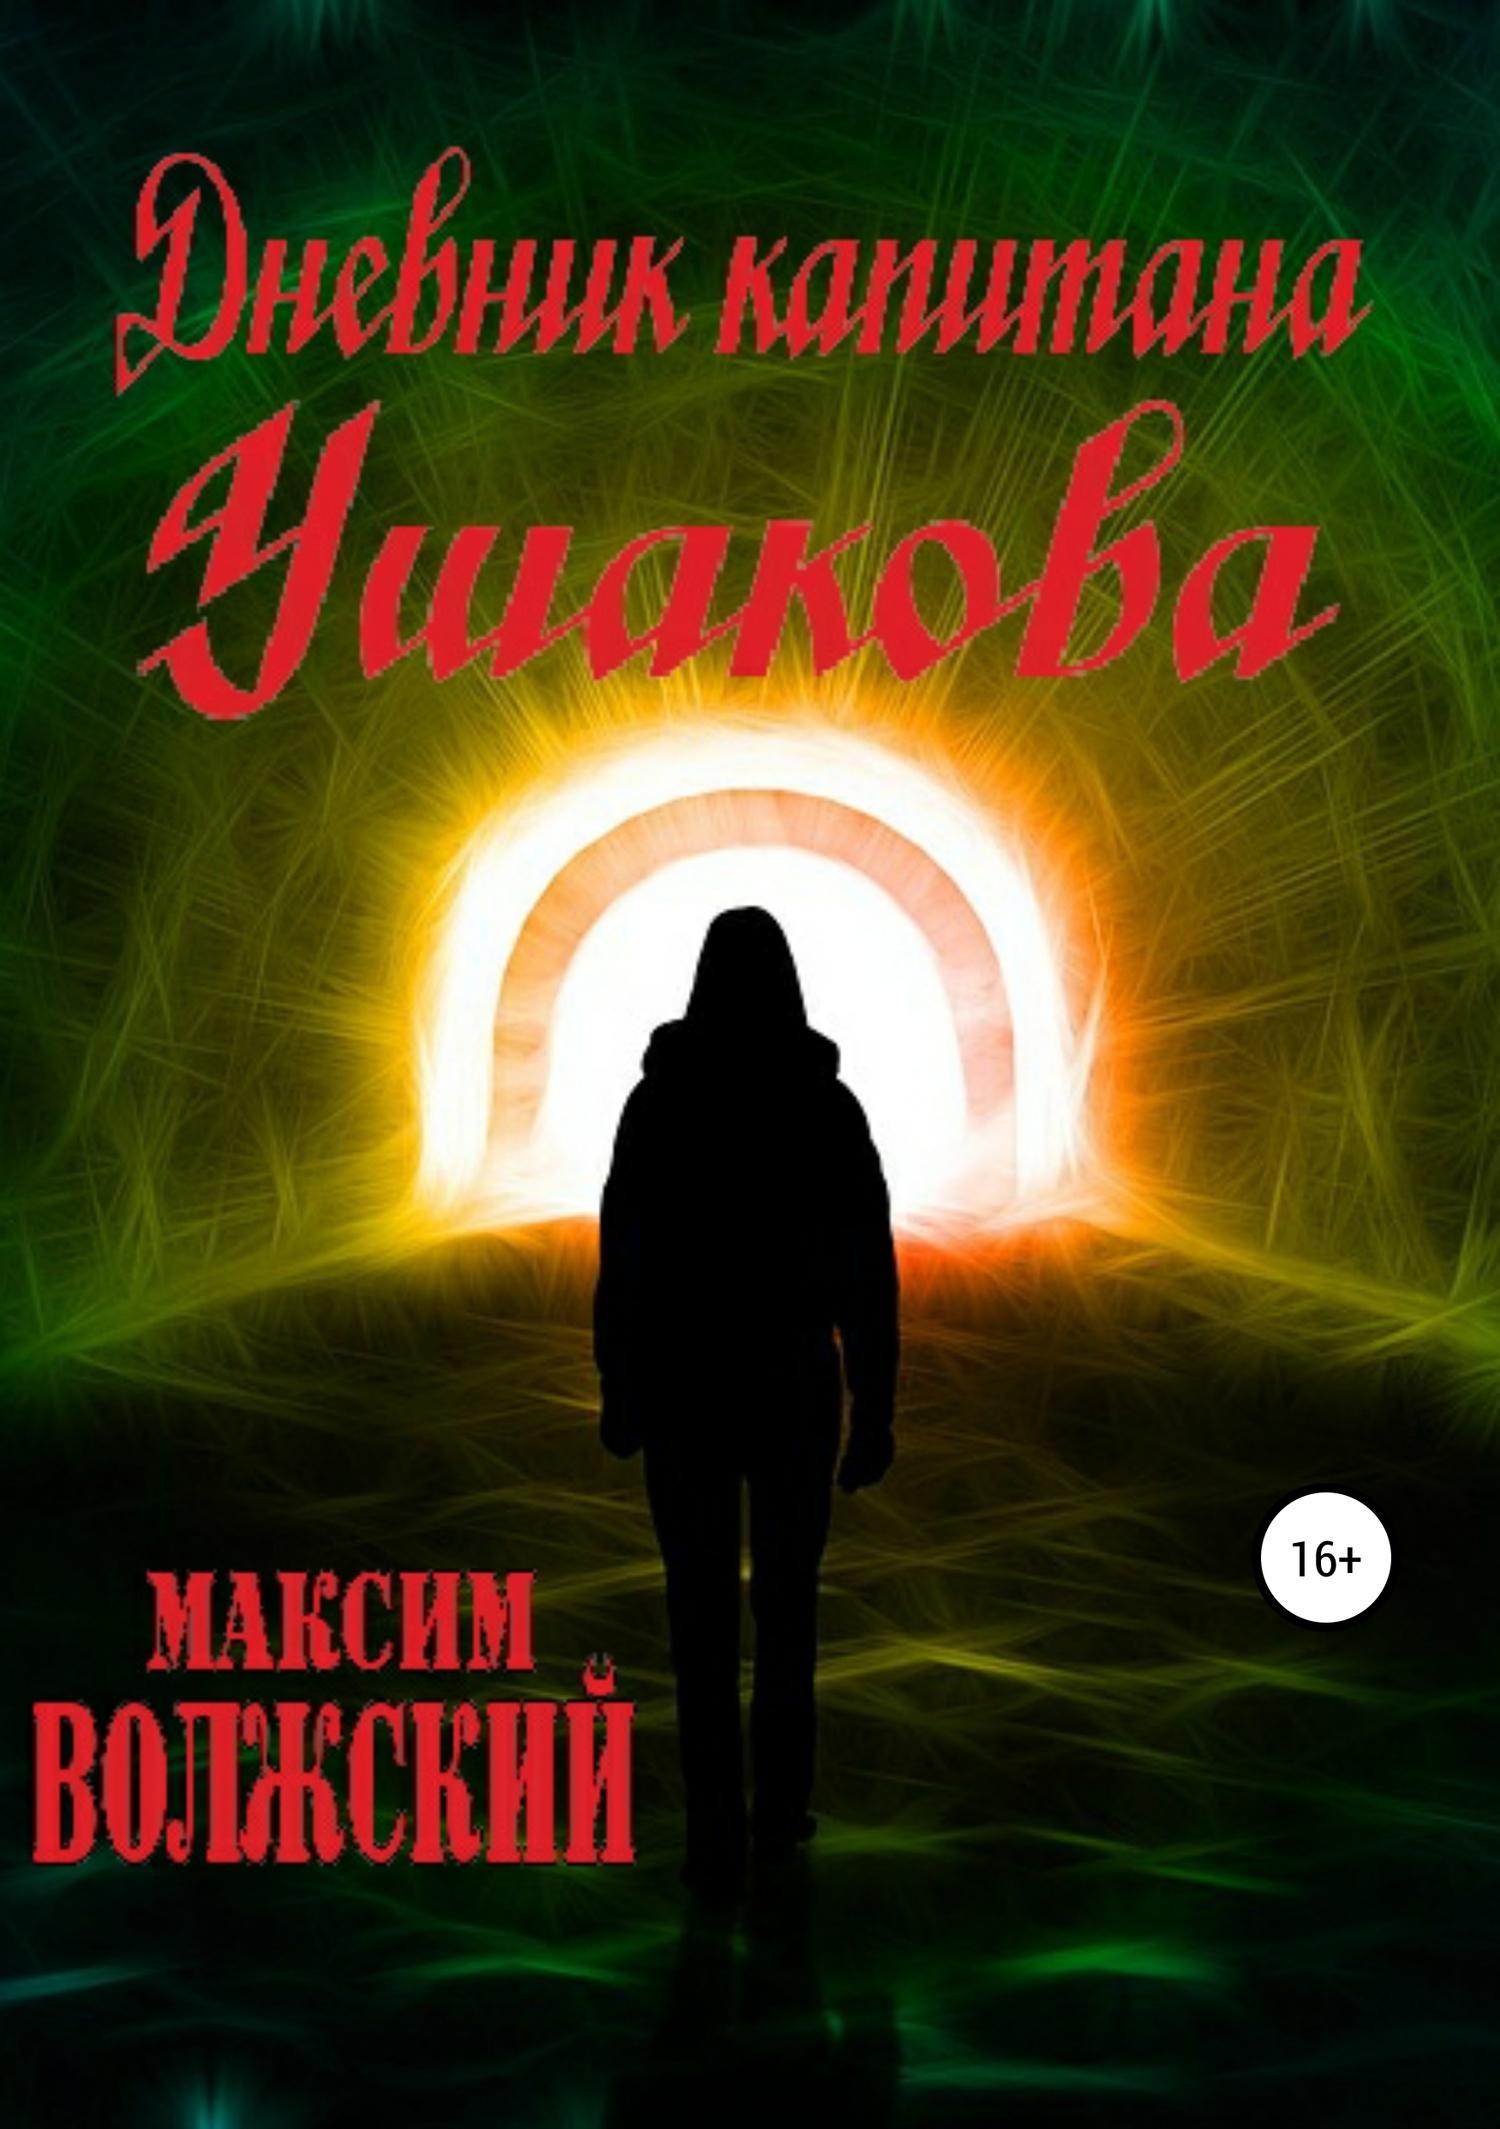 Максим Волжский - Дневник капитана Ушакова